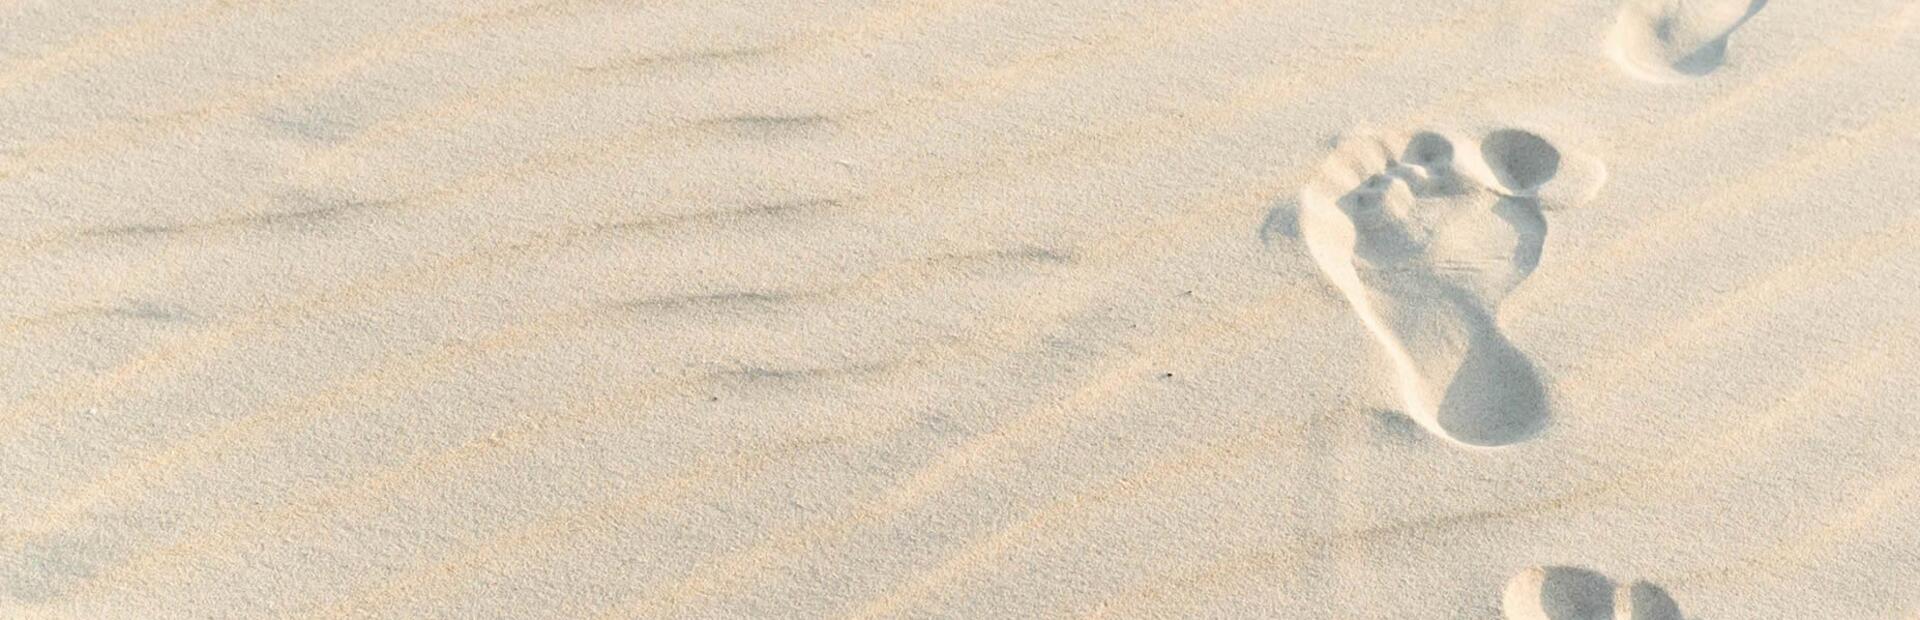 hotel-sole it offerta-hotel-albamarina-per-triathlon-chioggia-sottomarina-2021 001